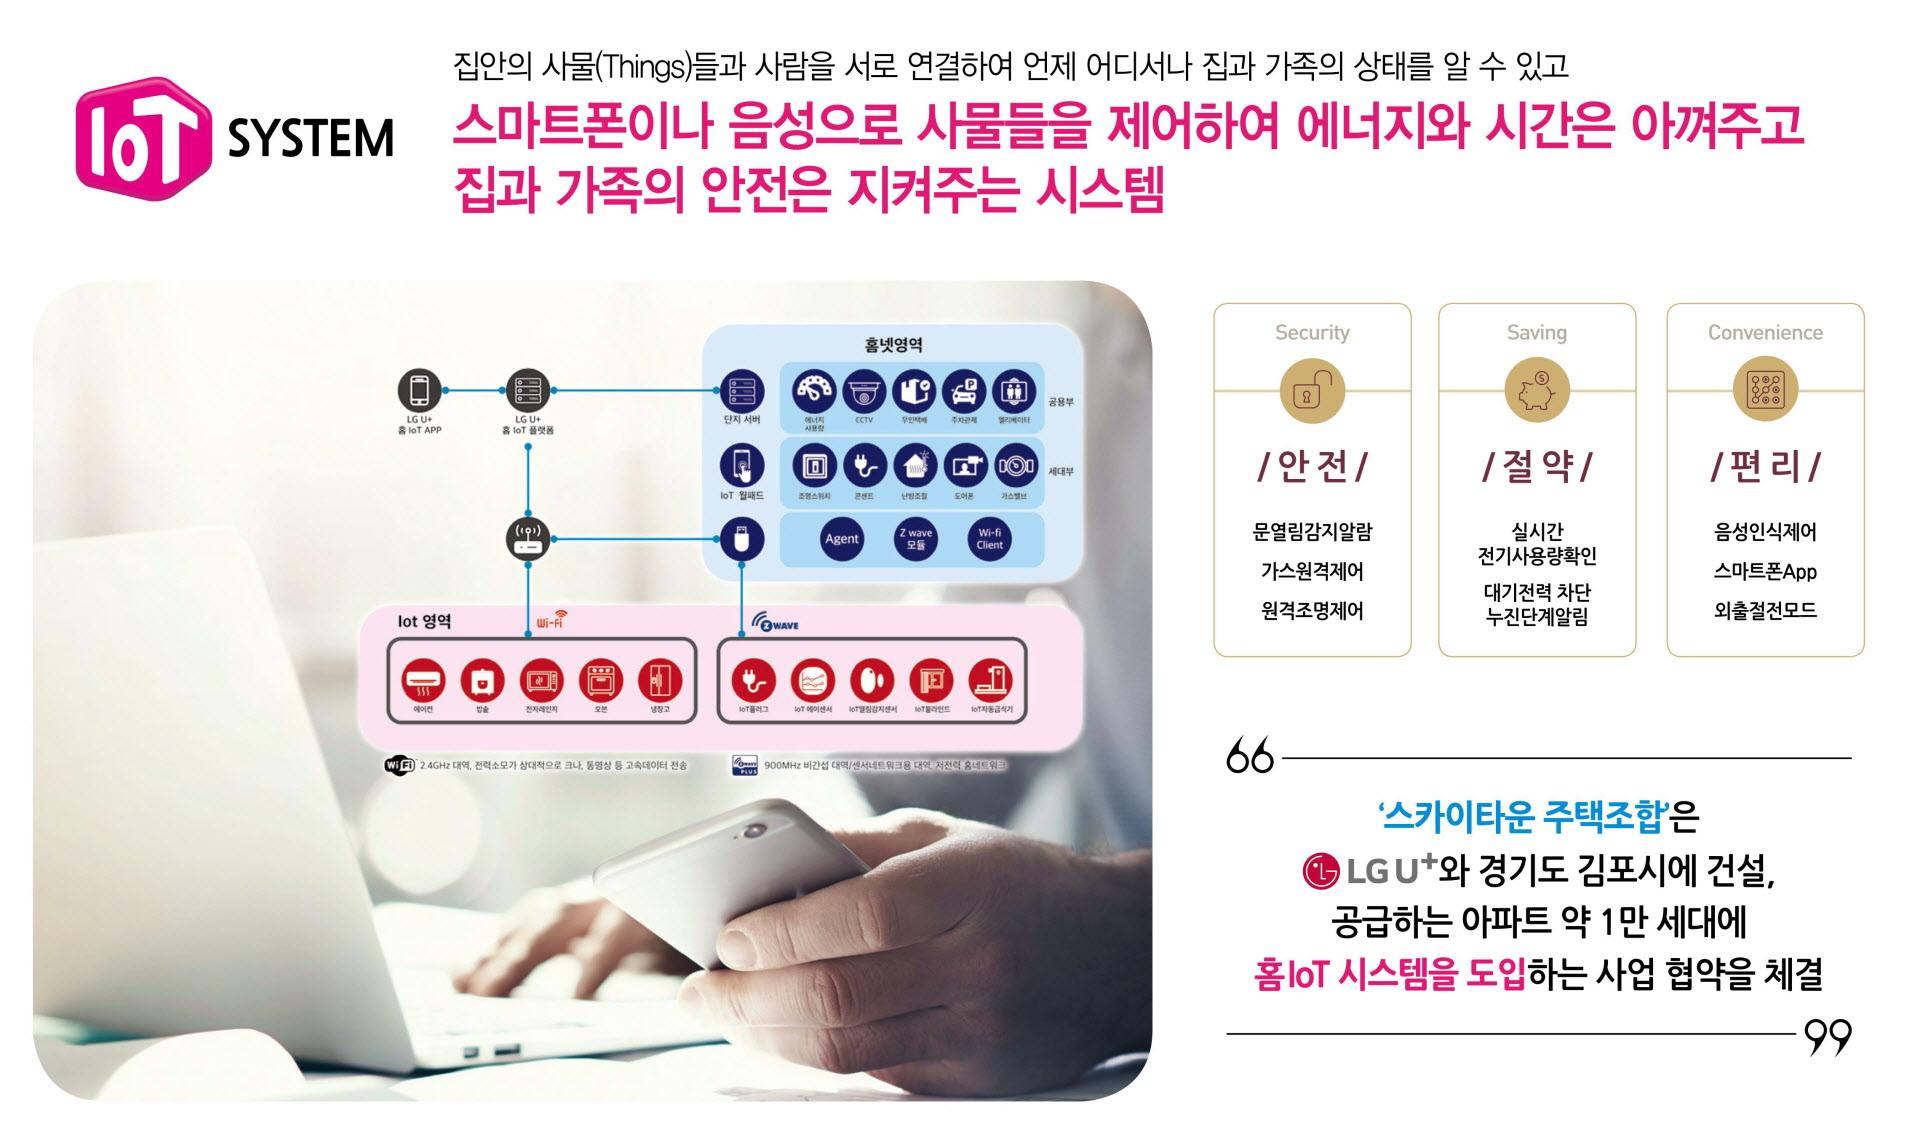 김포 사우스카이타운 시스템